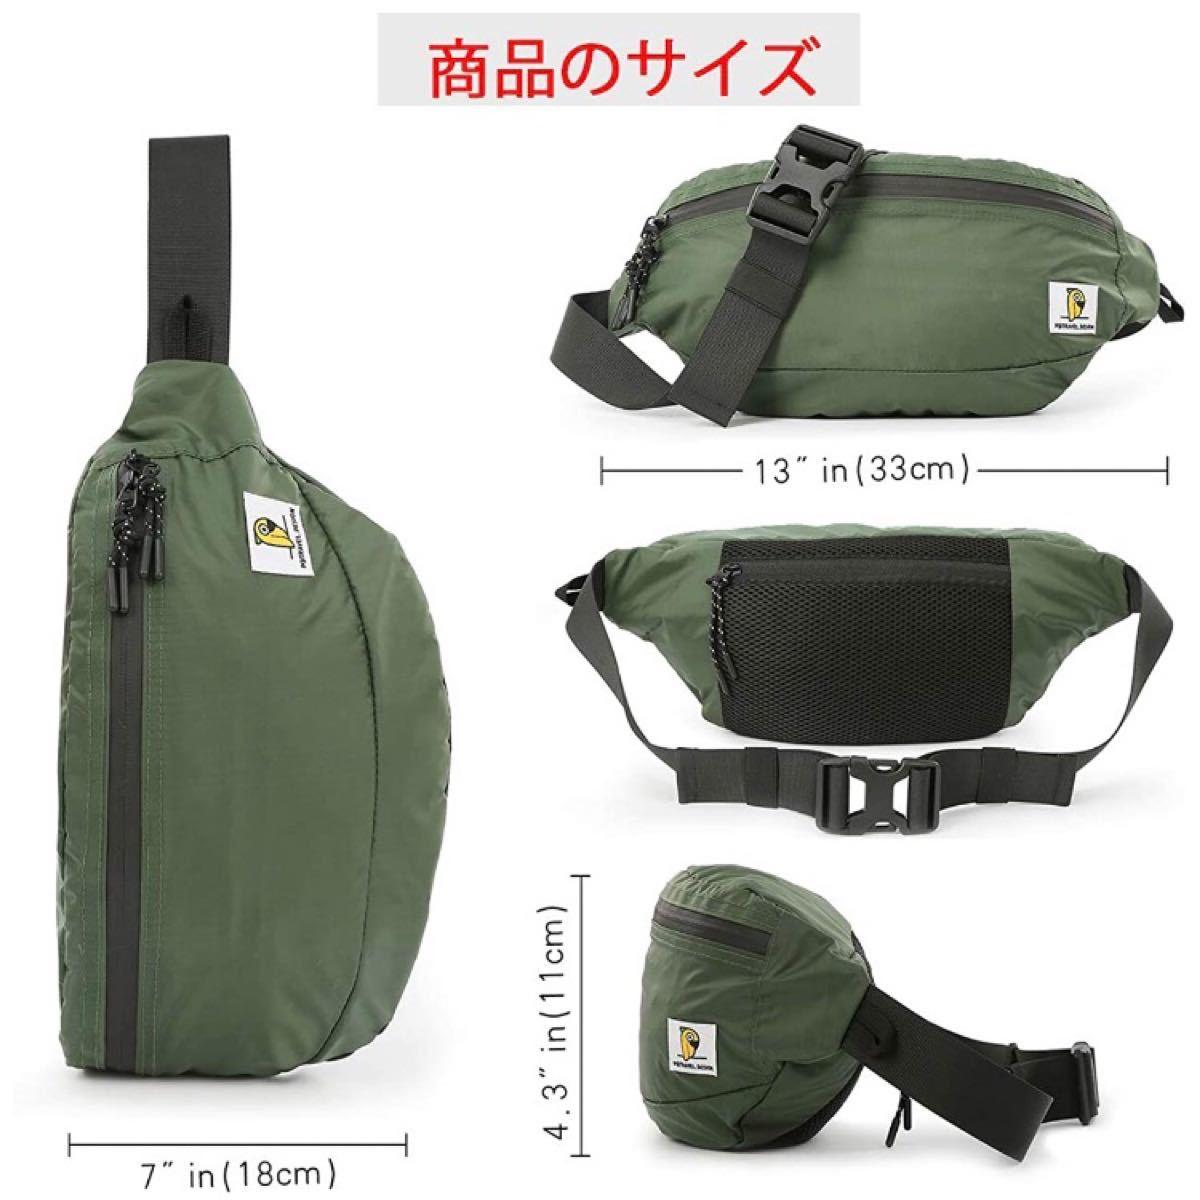 ショルダーバッグ 軽量 防水 ボディバッグ ウエストバッグ ウエストポーチ 大容量 多機能 ファニーパック メンズ レディース